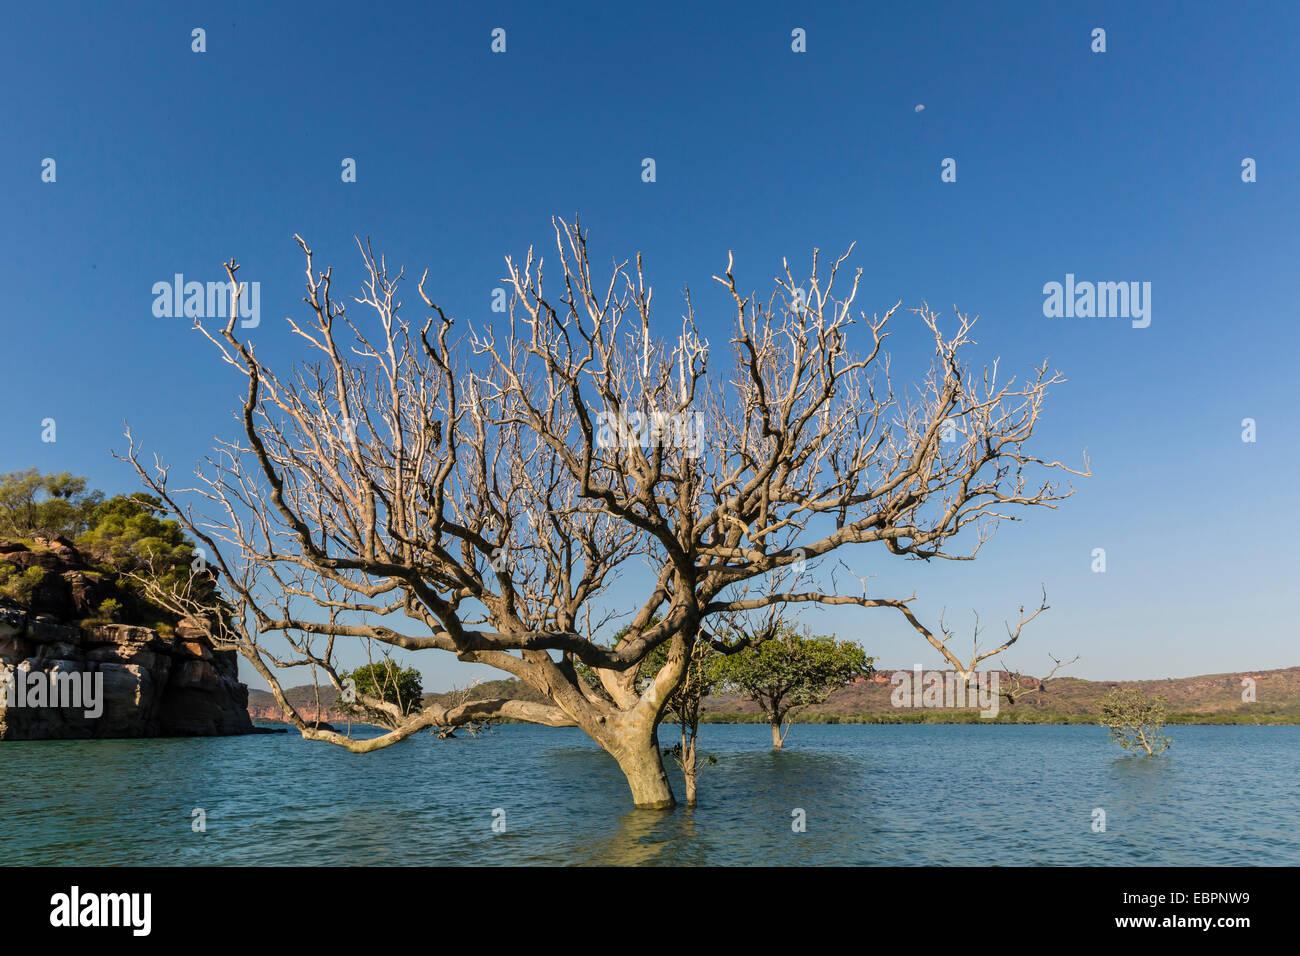 Estrema alta marea copre gli alberi nella Hunter River, Kimberley, Australia occidentale, Australia Pacific Immagini Stock